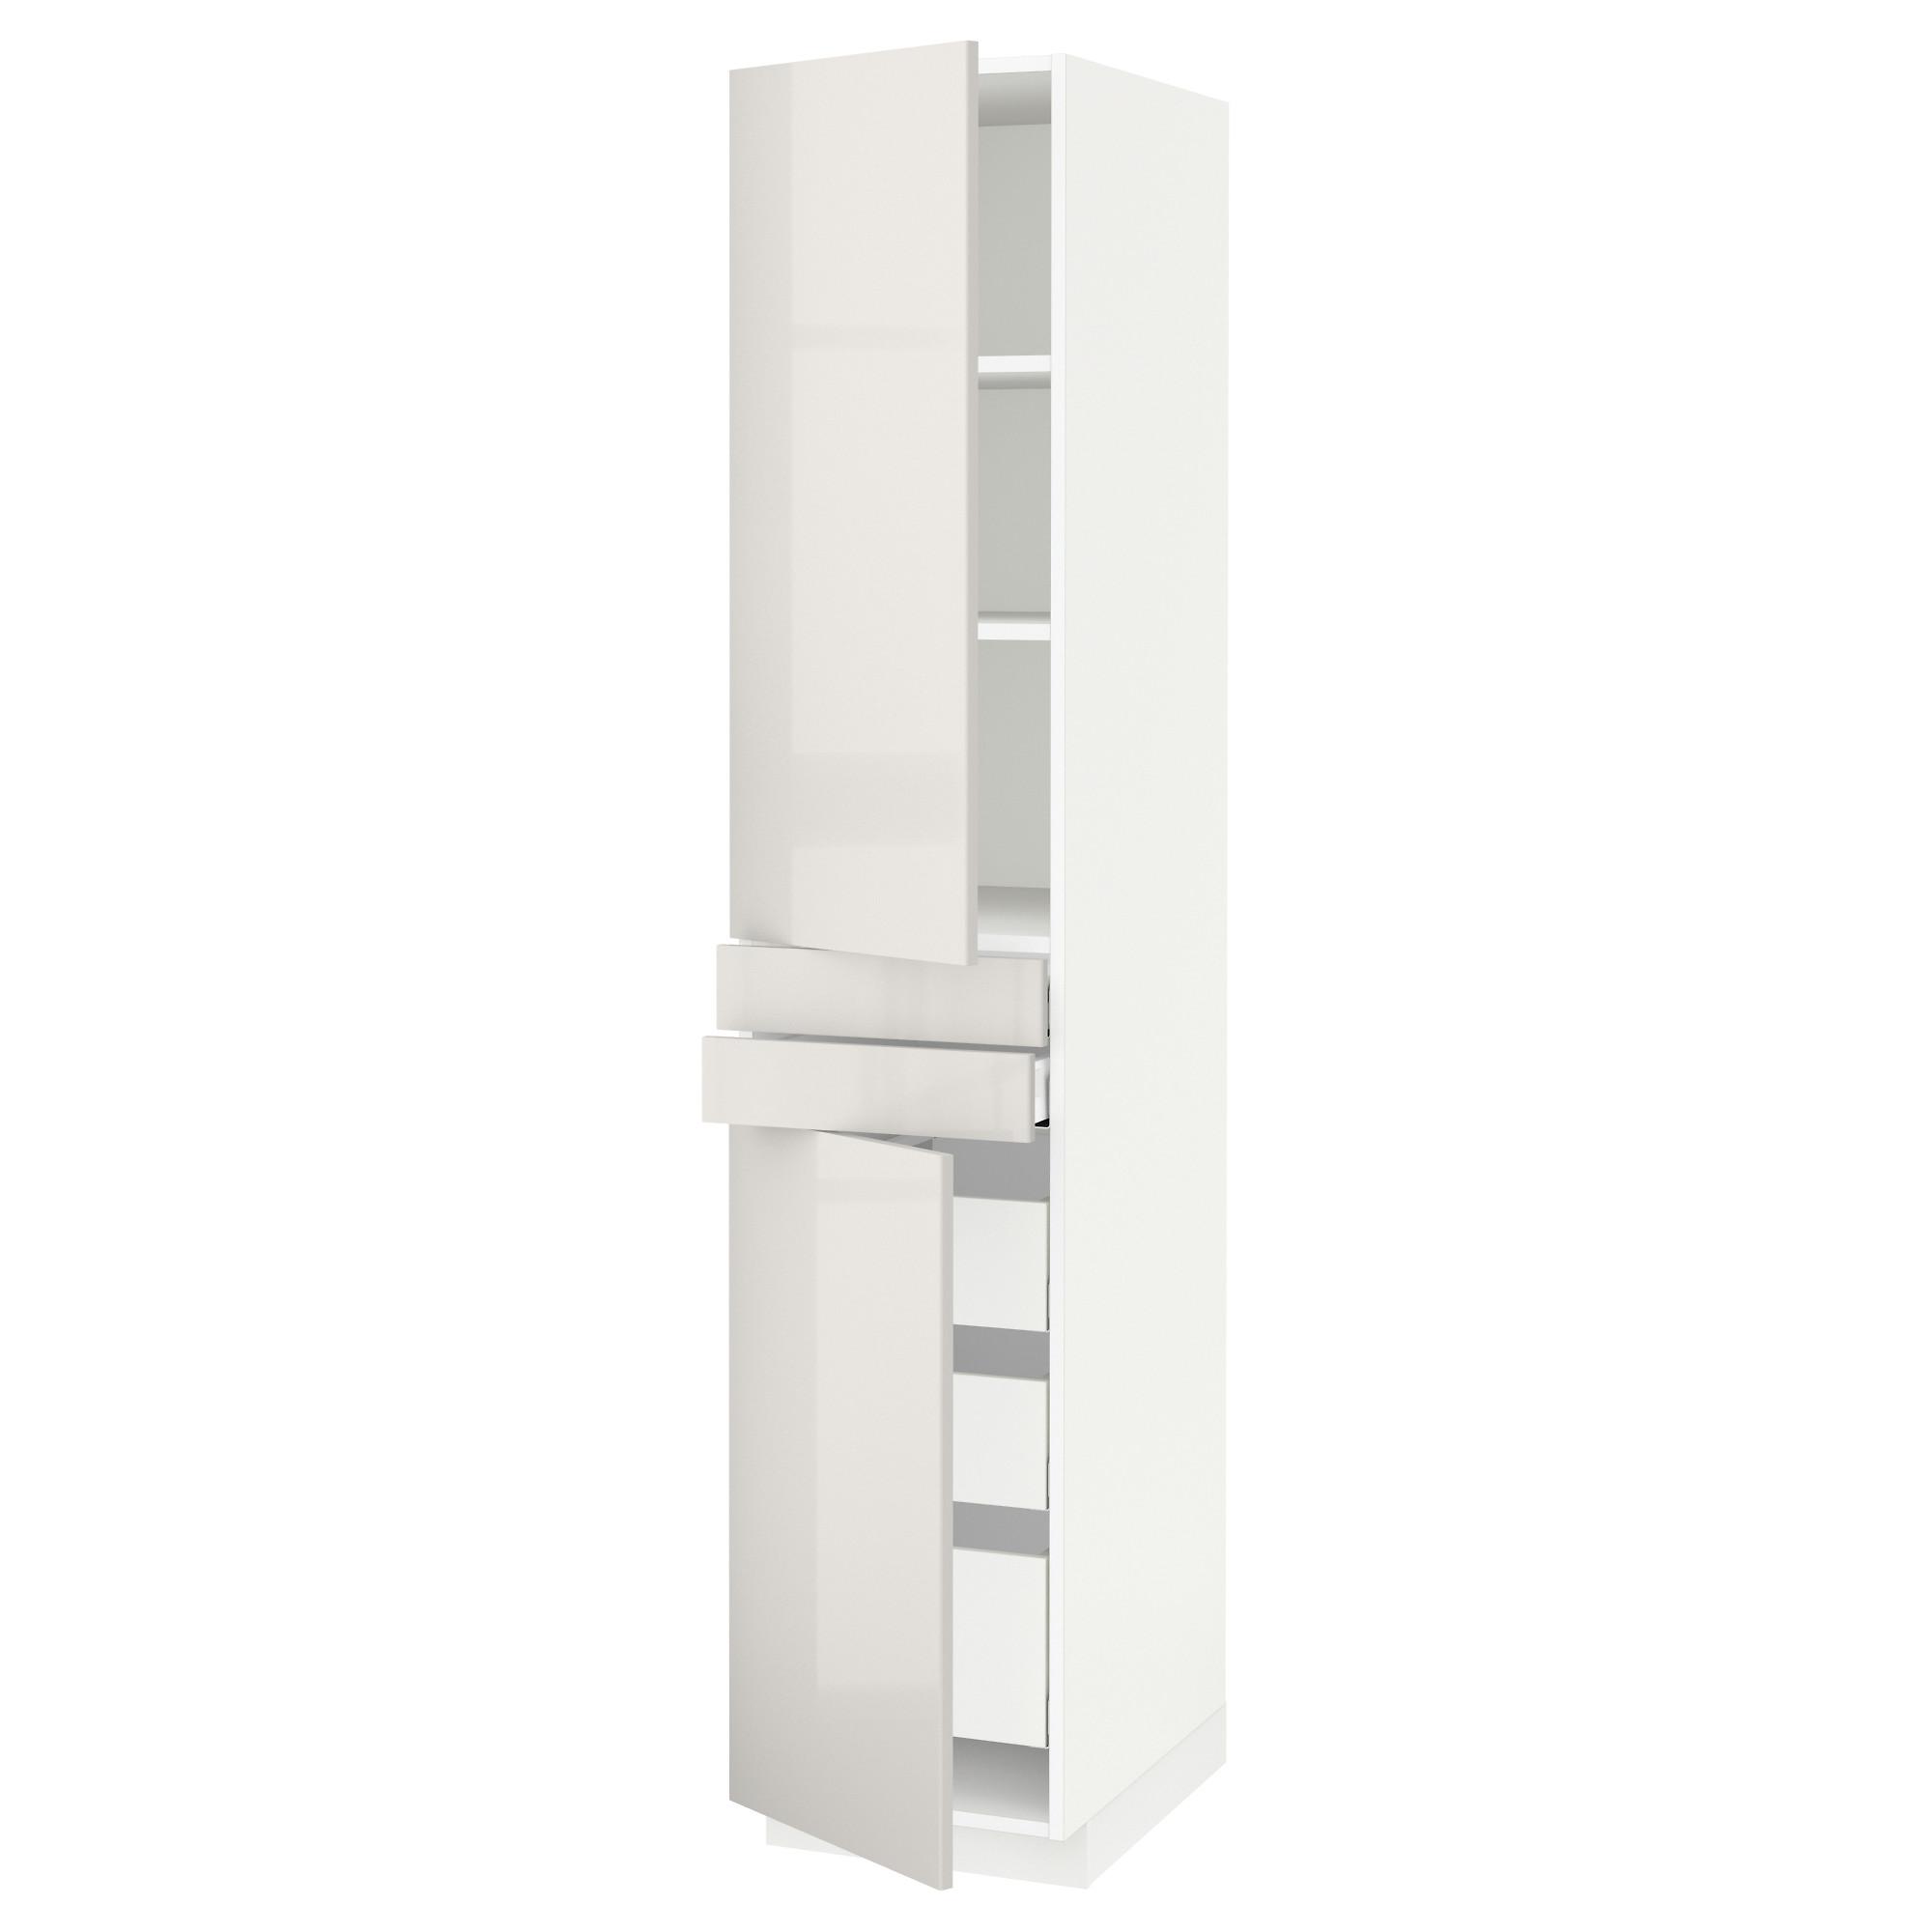 Высокий шкаф + полки, 5 ящиков, 2 дверцы, 2 фронтальных МЕТОД / МАКСИМЕРА светло-серый артикуль № 192.363.76 в наличии. Интернет магазин IKEA Минск. Быстрая доставка и установка.